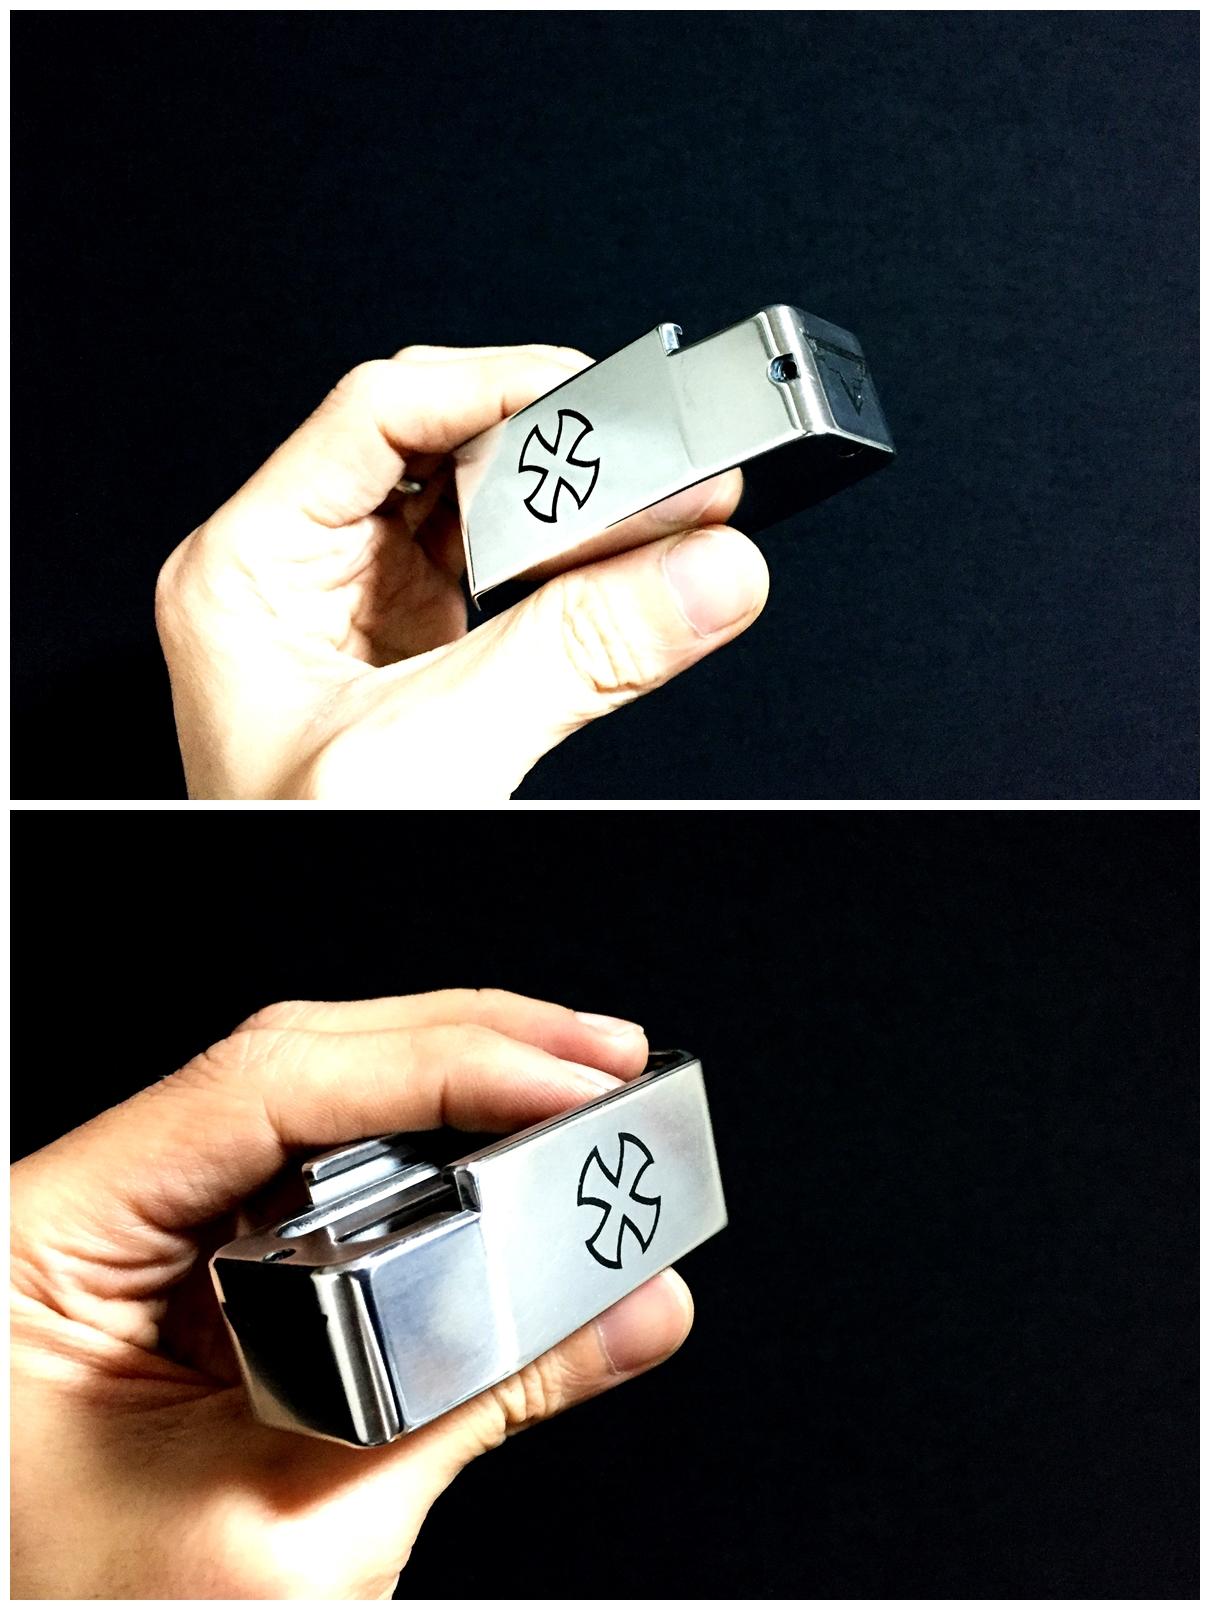 7 ブルーイング 刻印 TTI タイプ レプリカ NOVESKE 自作DIY 加工 UAC P-MAG アルミニウム マガジン ベース パッド